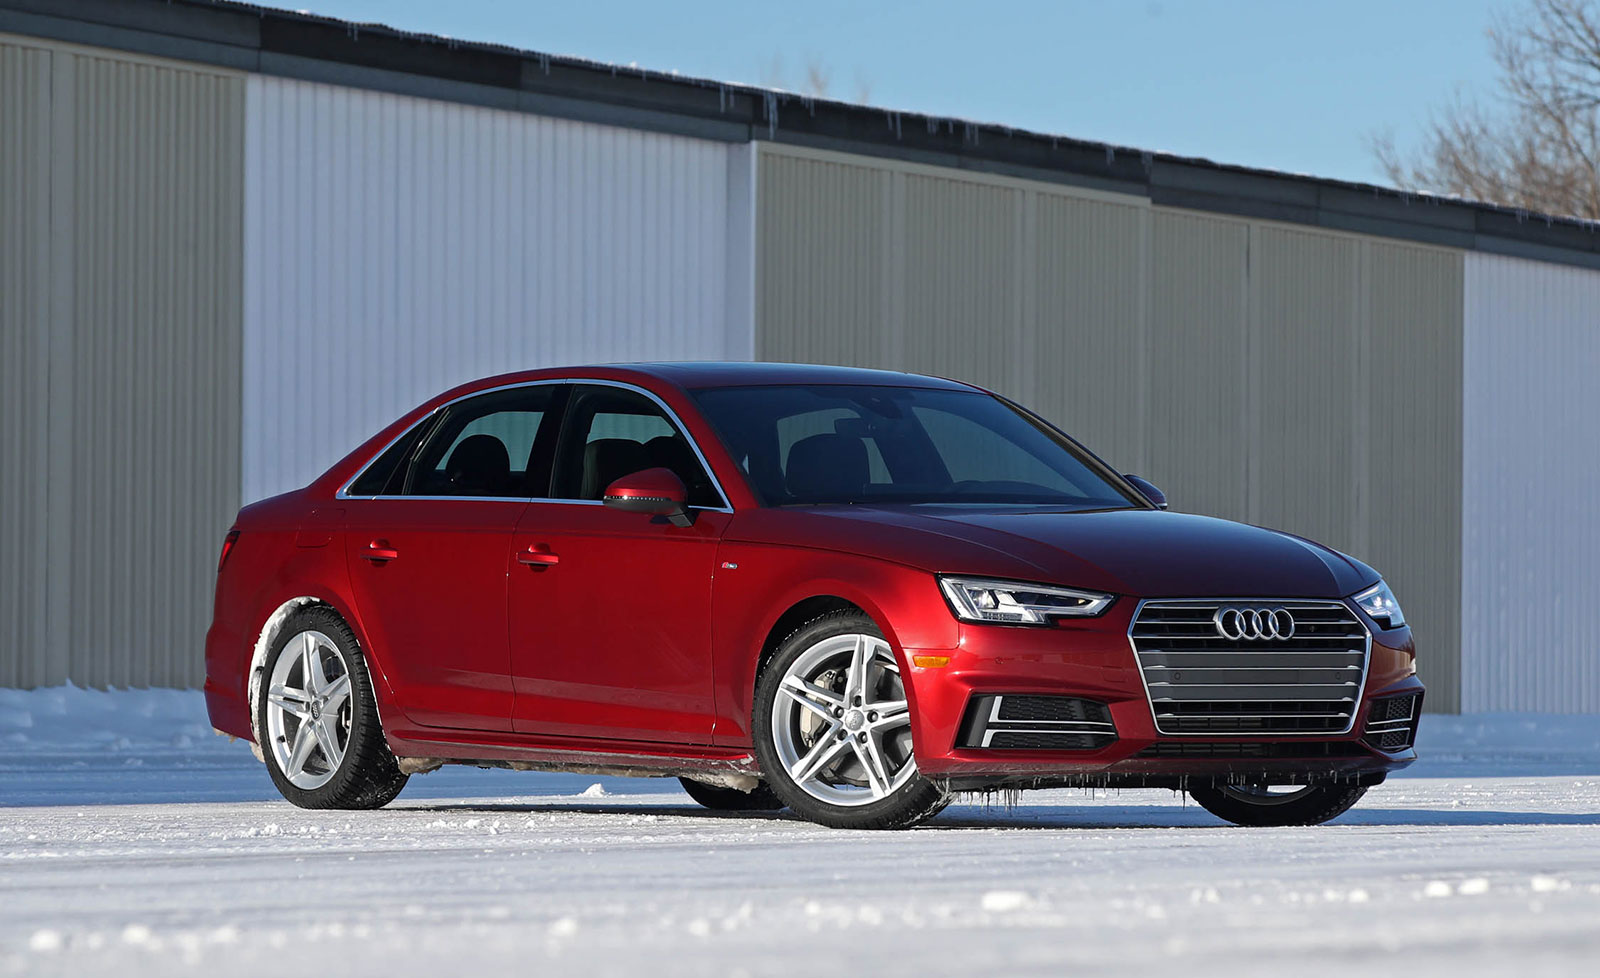 Audi Adelaide Serv Auto Care Service